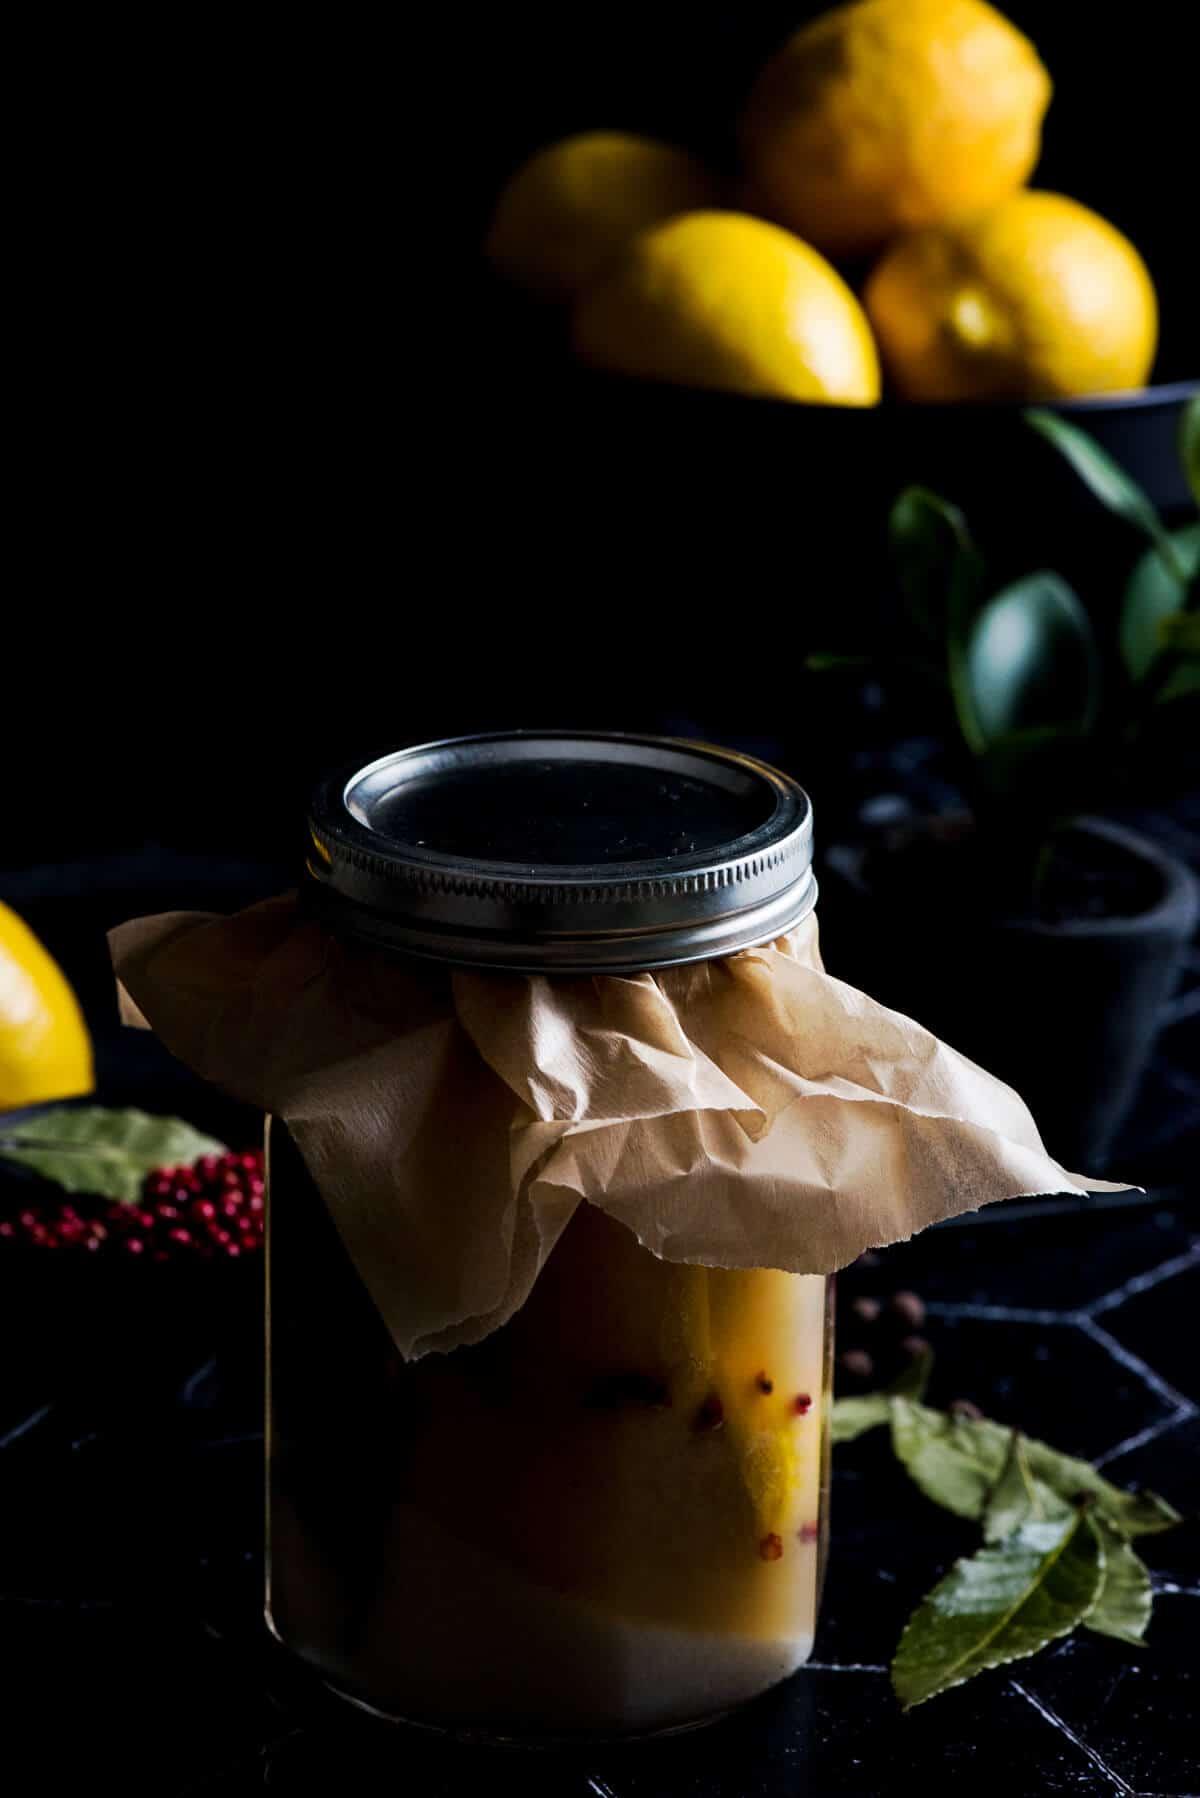 Jar of sealed preserved lemons